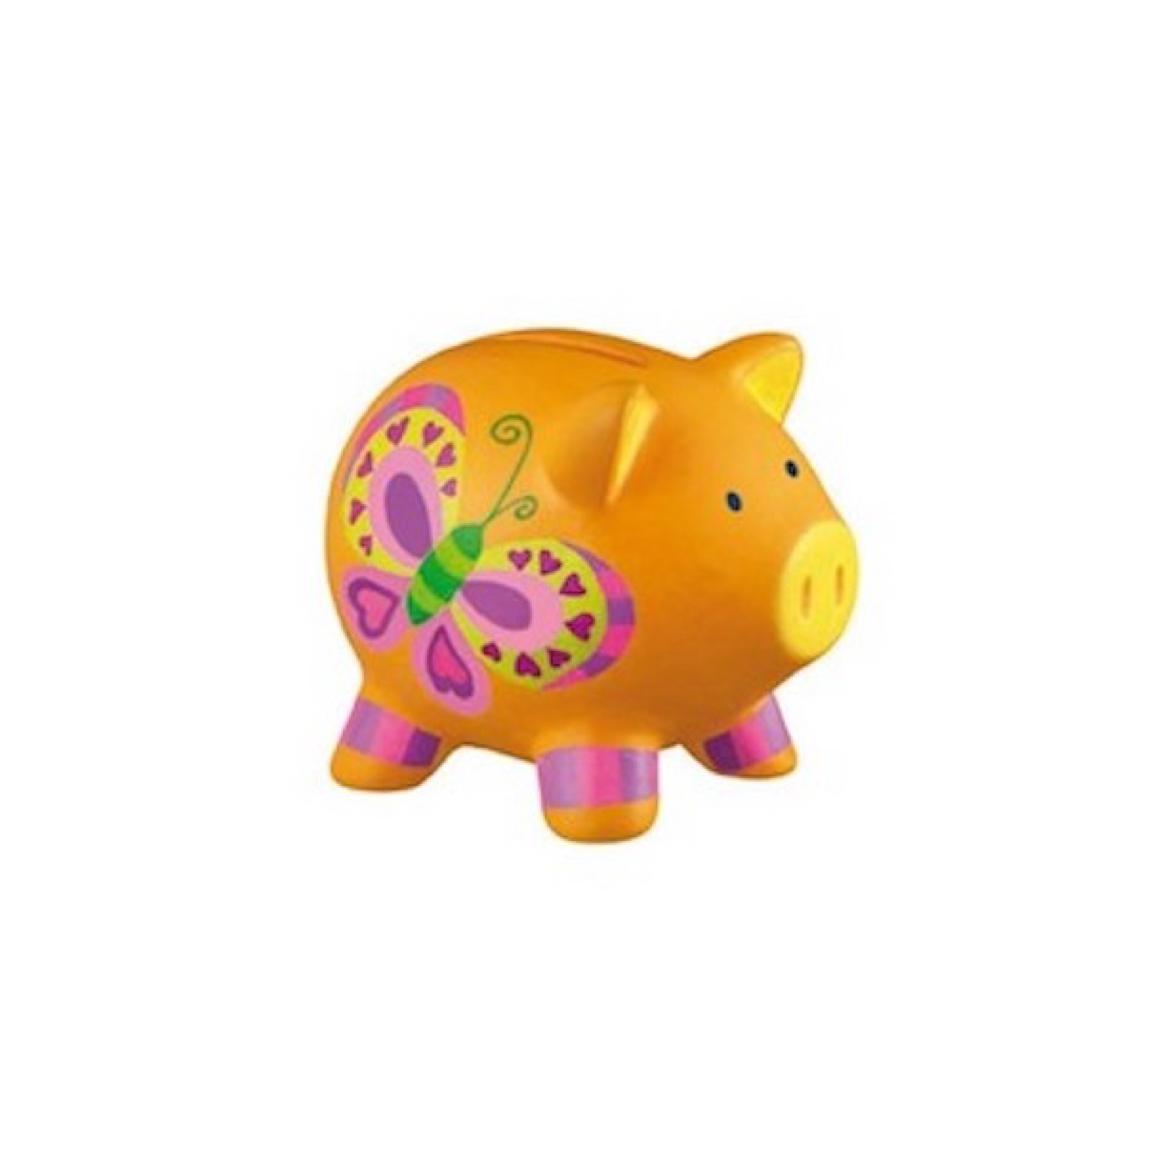 pinta-tu-hucha-cerdito-paint-your-own-piggy-bank-de-4m-caja-en-el-mundo-de-mico-3